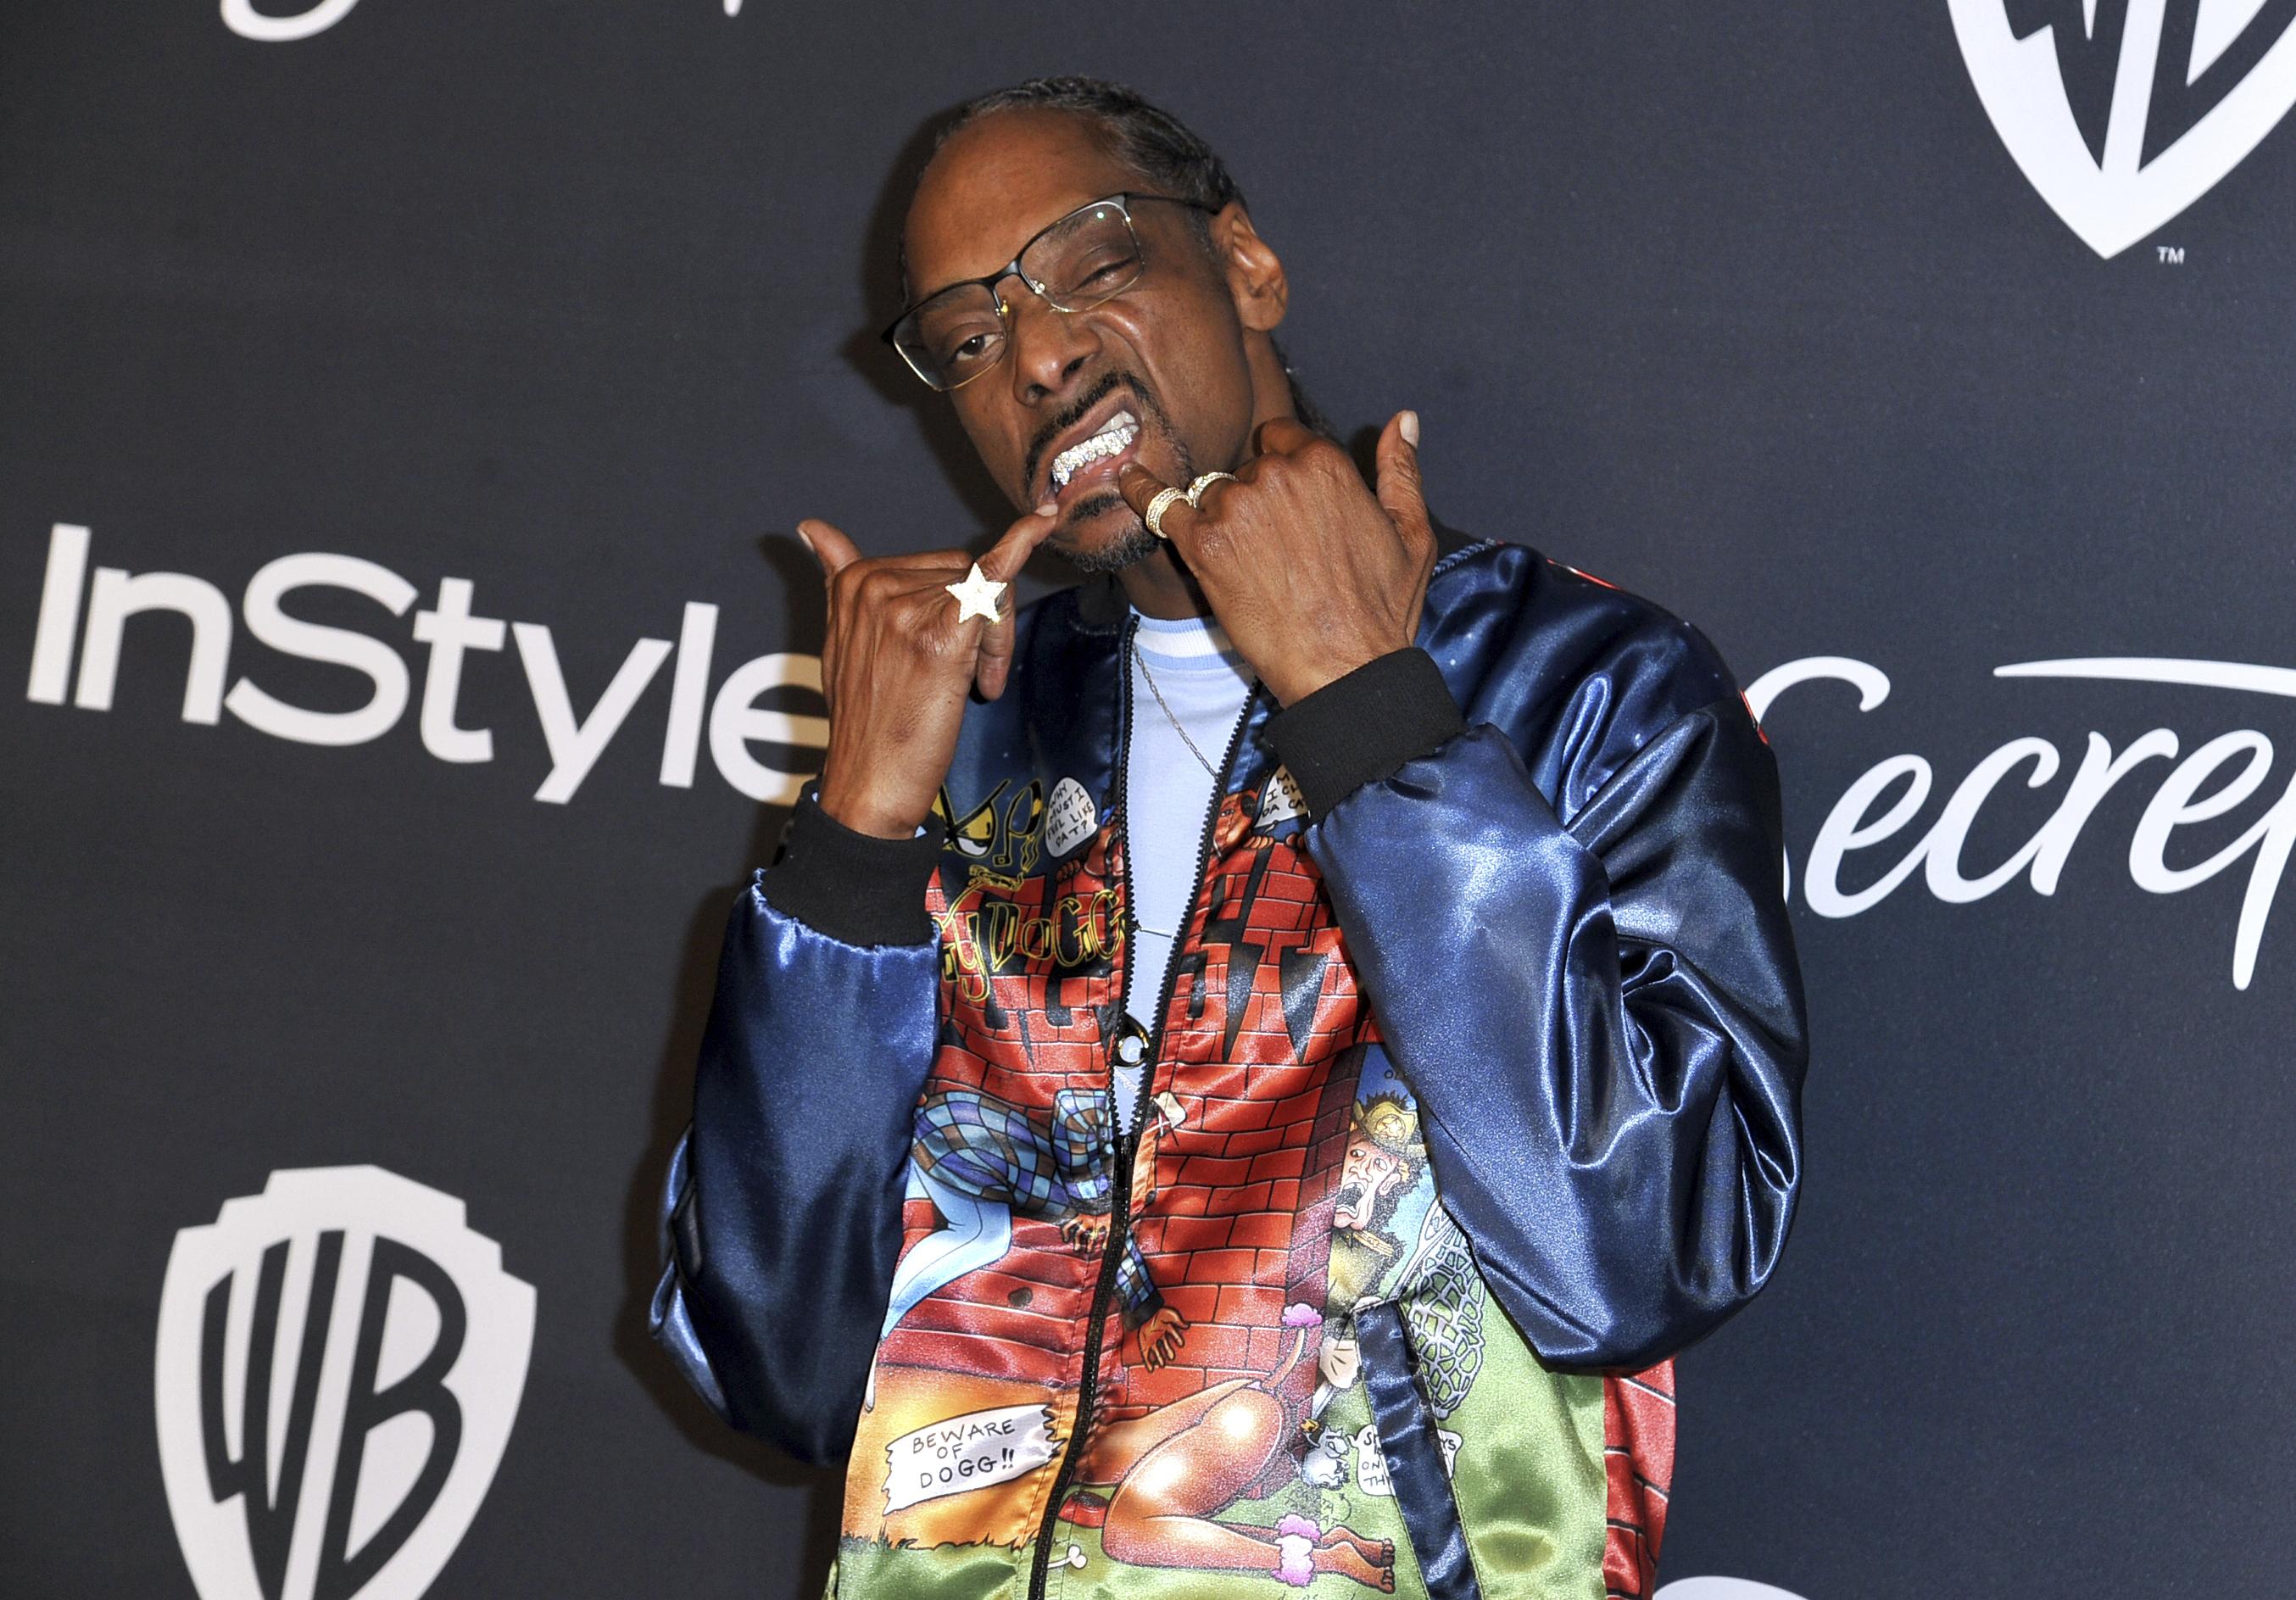 El rapero Snoop Dogg fue uno de los asistentes en la fiesta de InStyle & Warner Bros..(Richard Shotwell/Invision/AP)